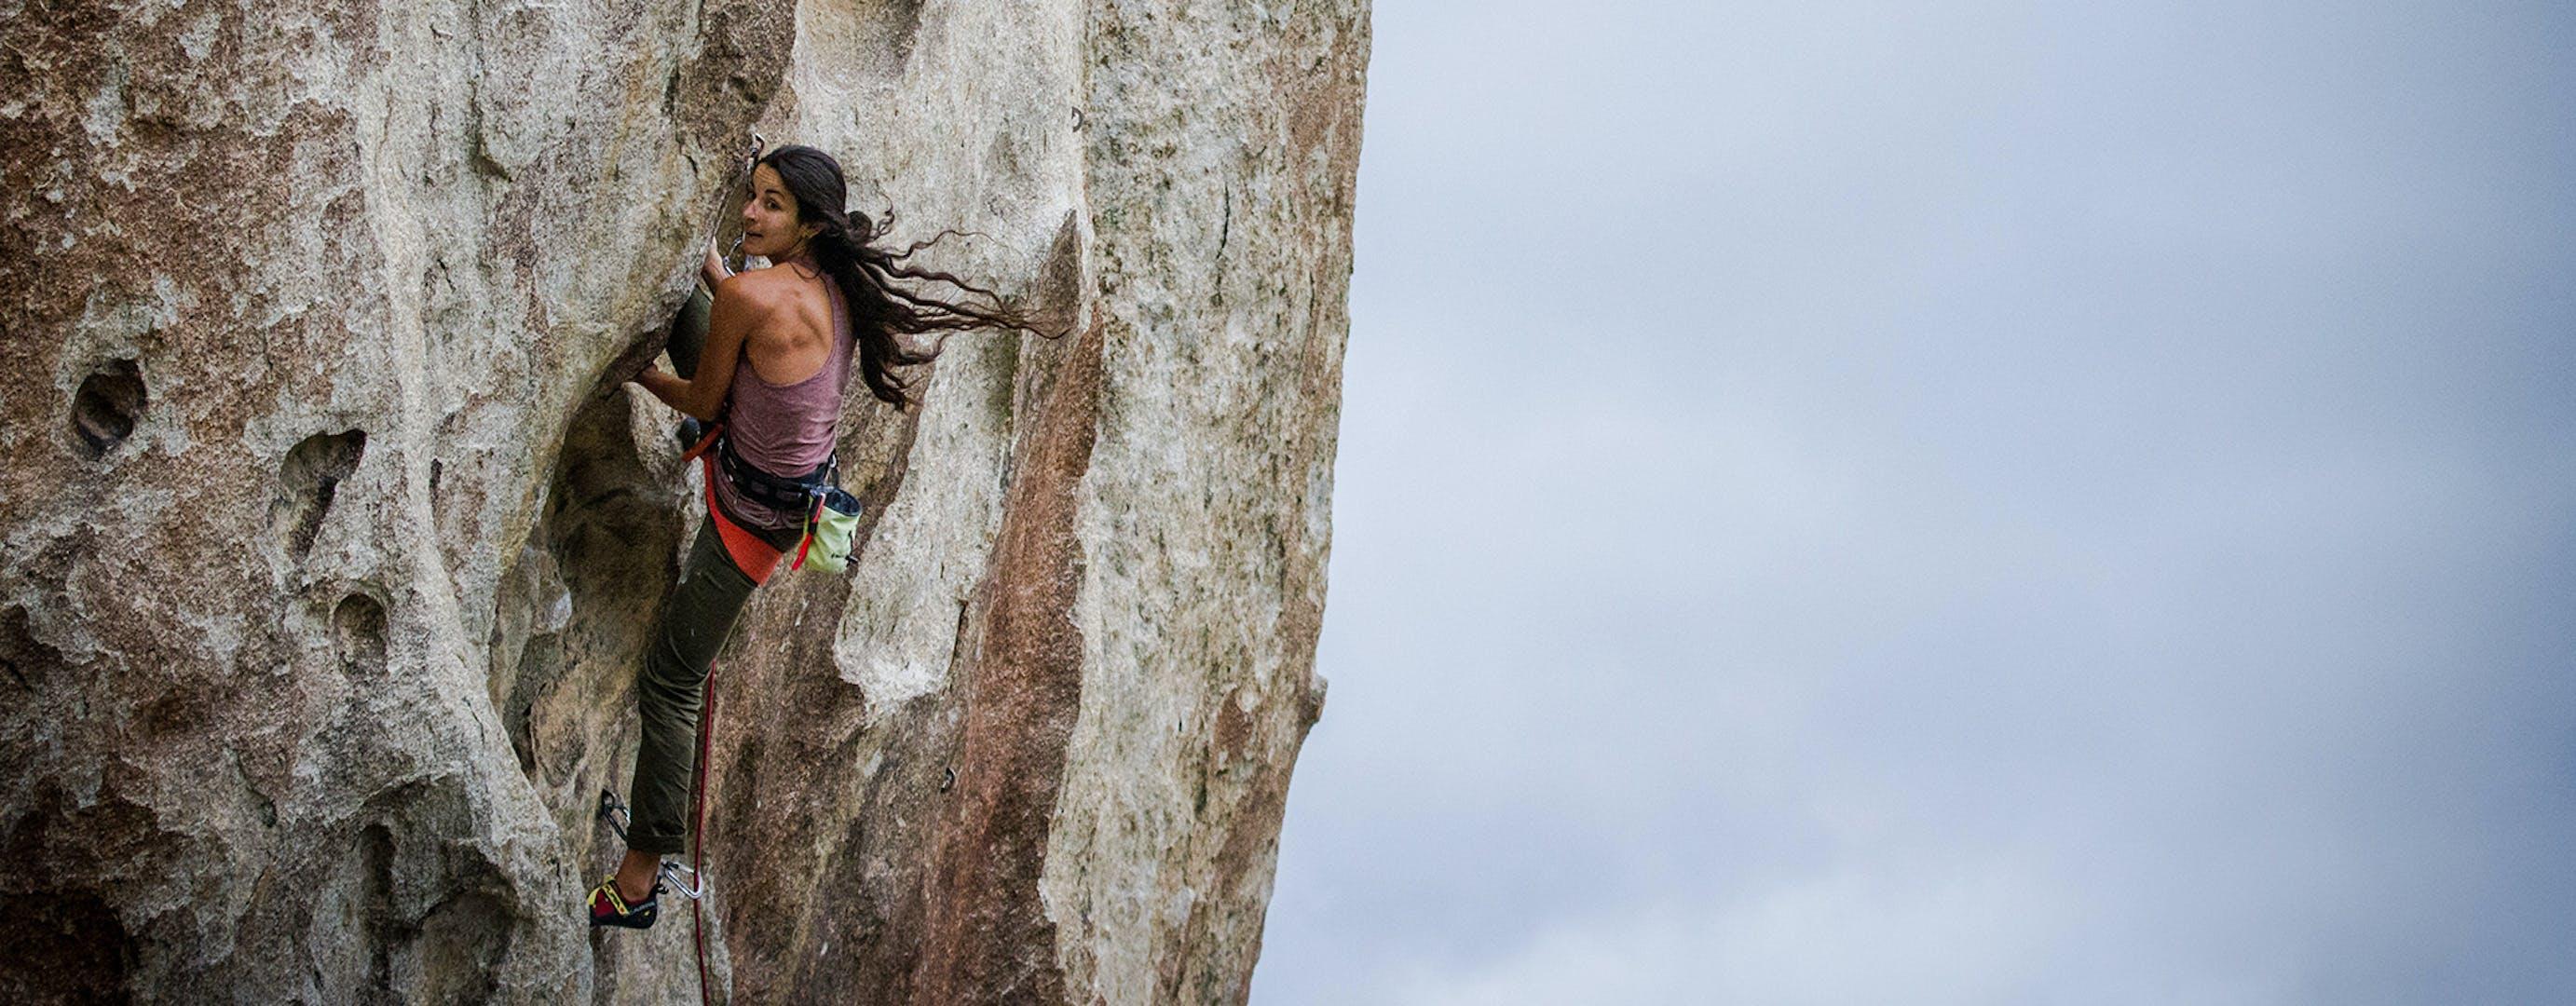 Daila Climbing.